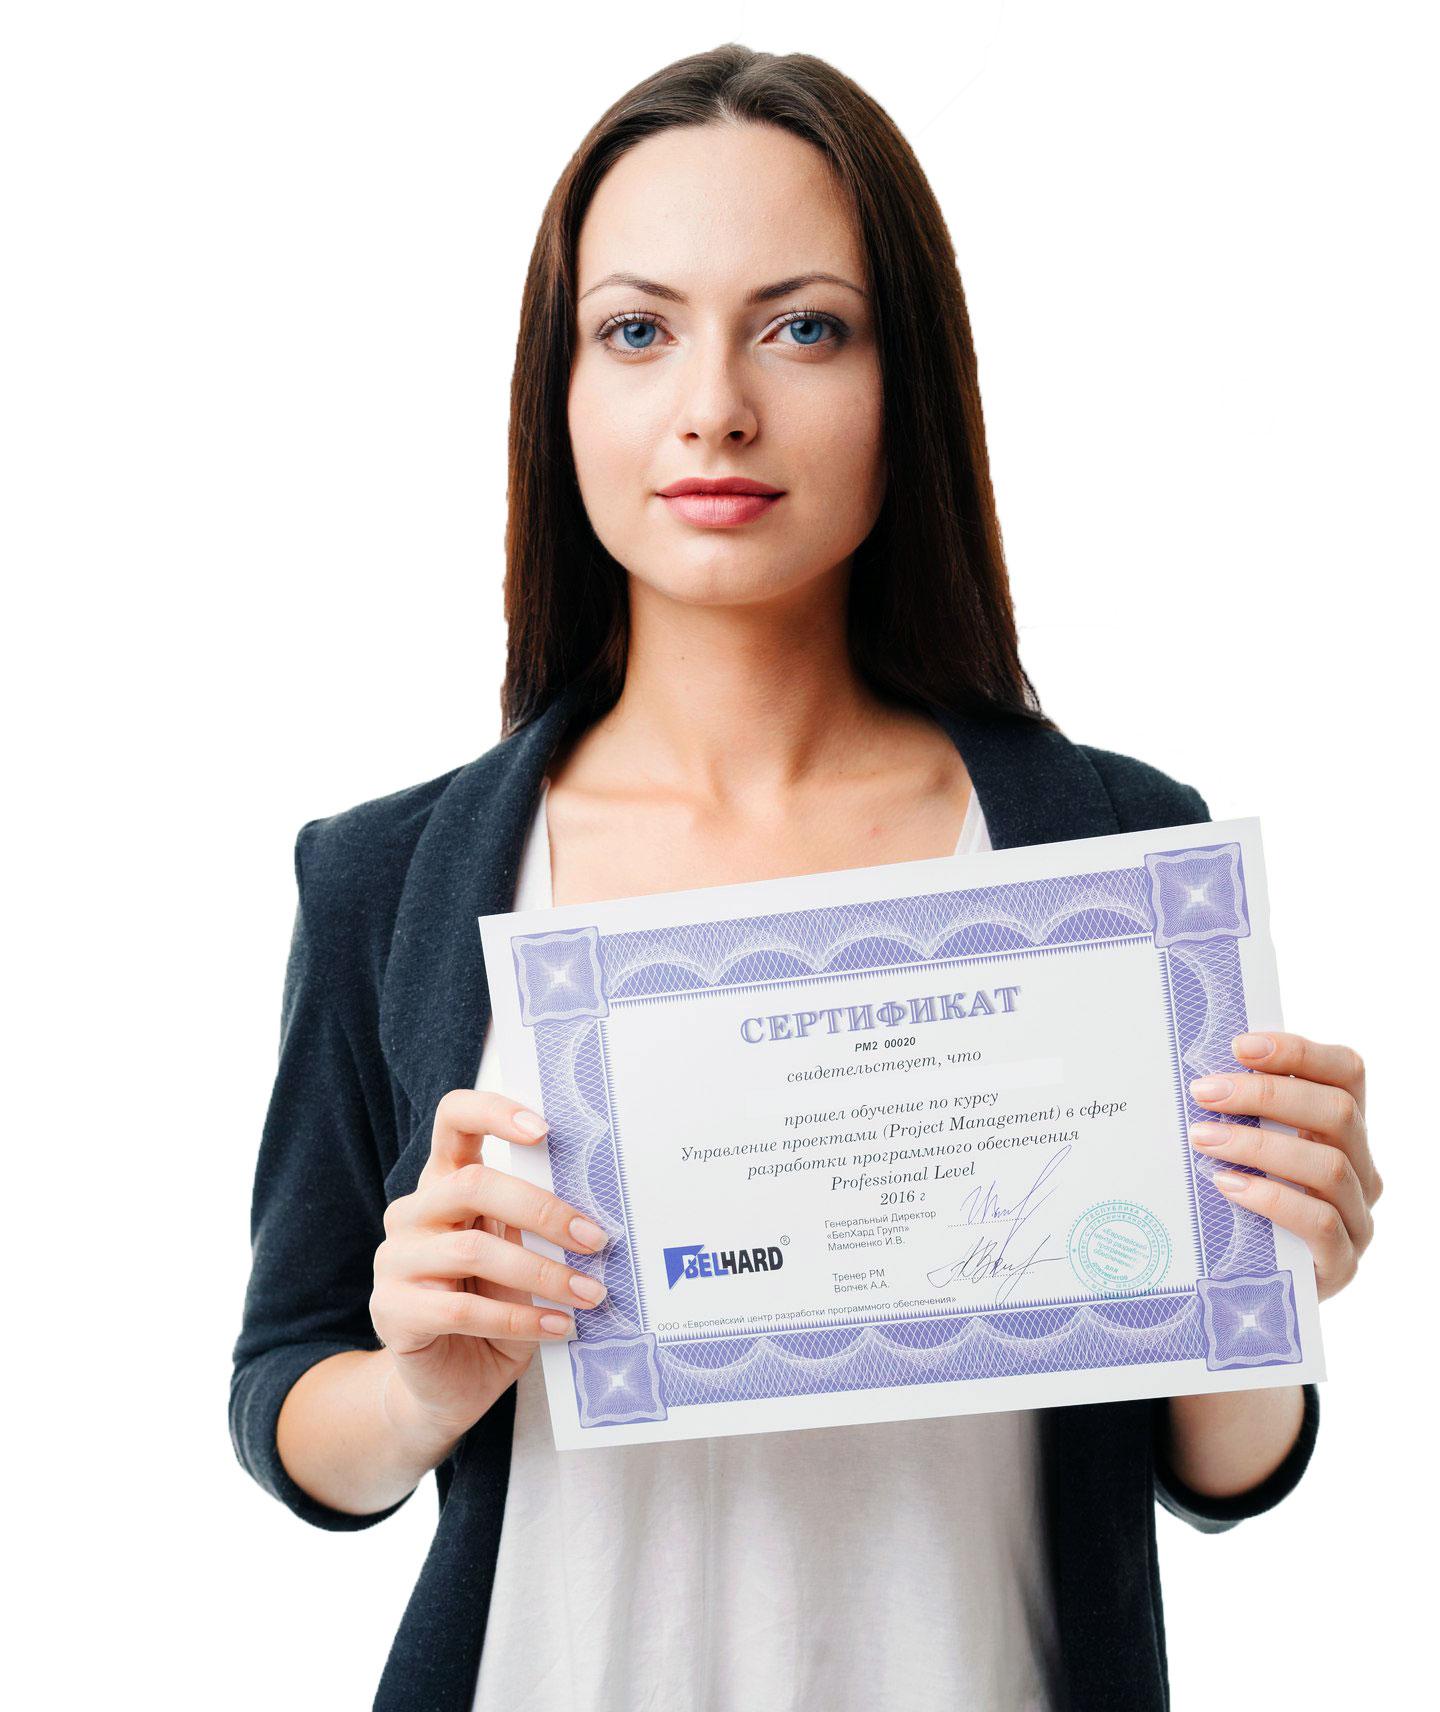 Где получить необходимый опыт, чтобы устроиться на работу в ИТ после курсов?